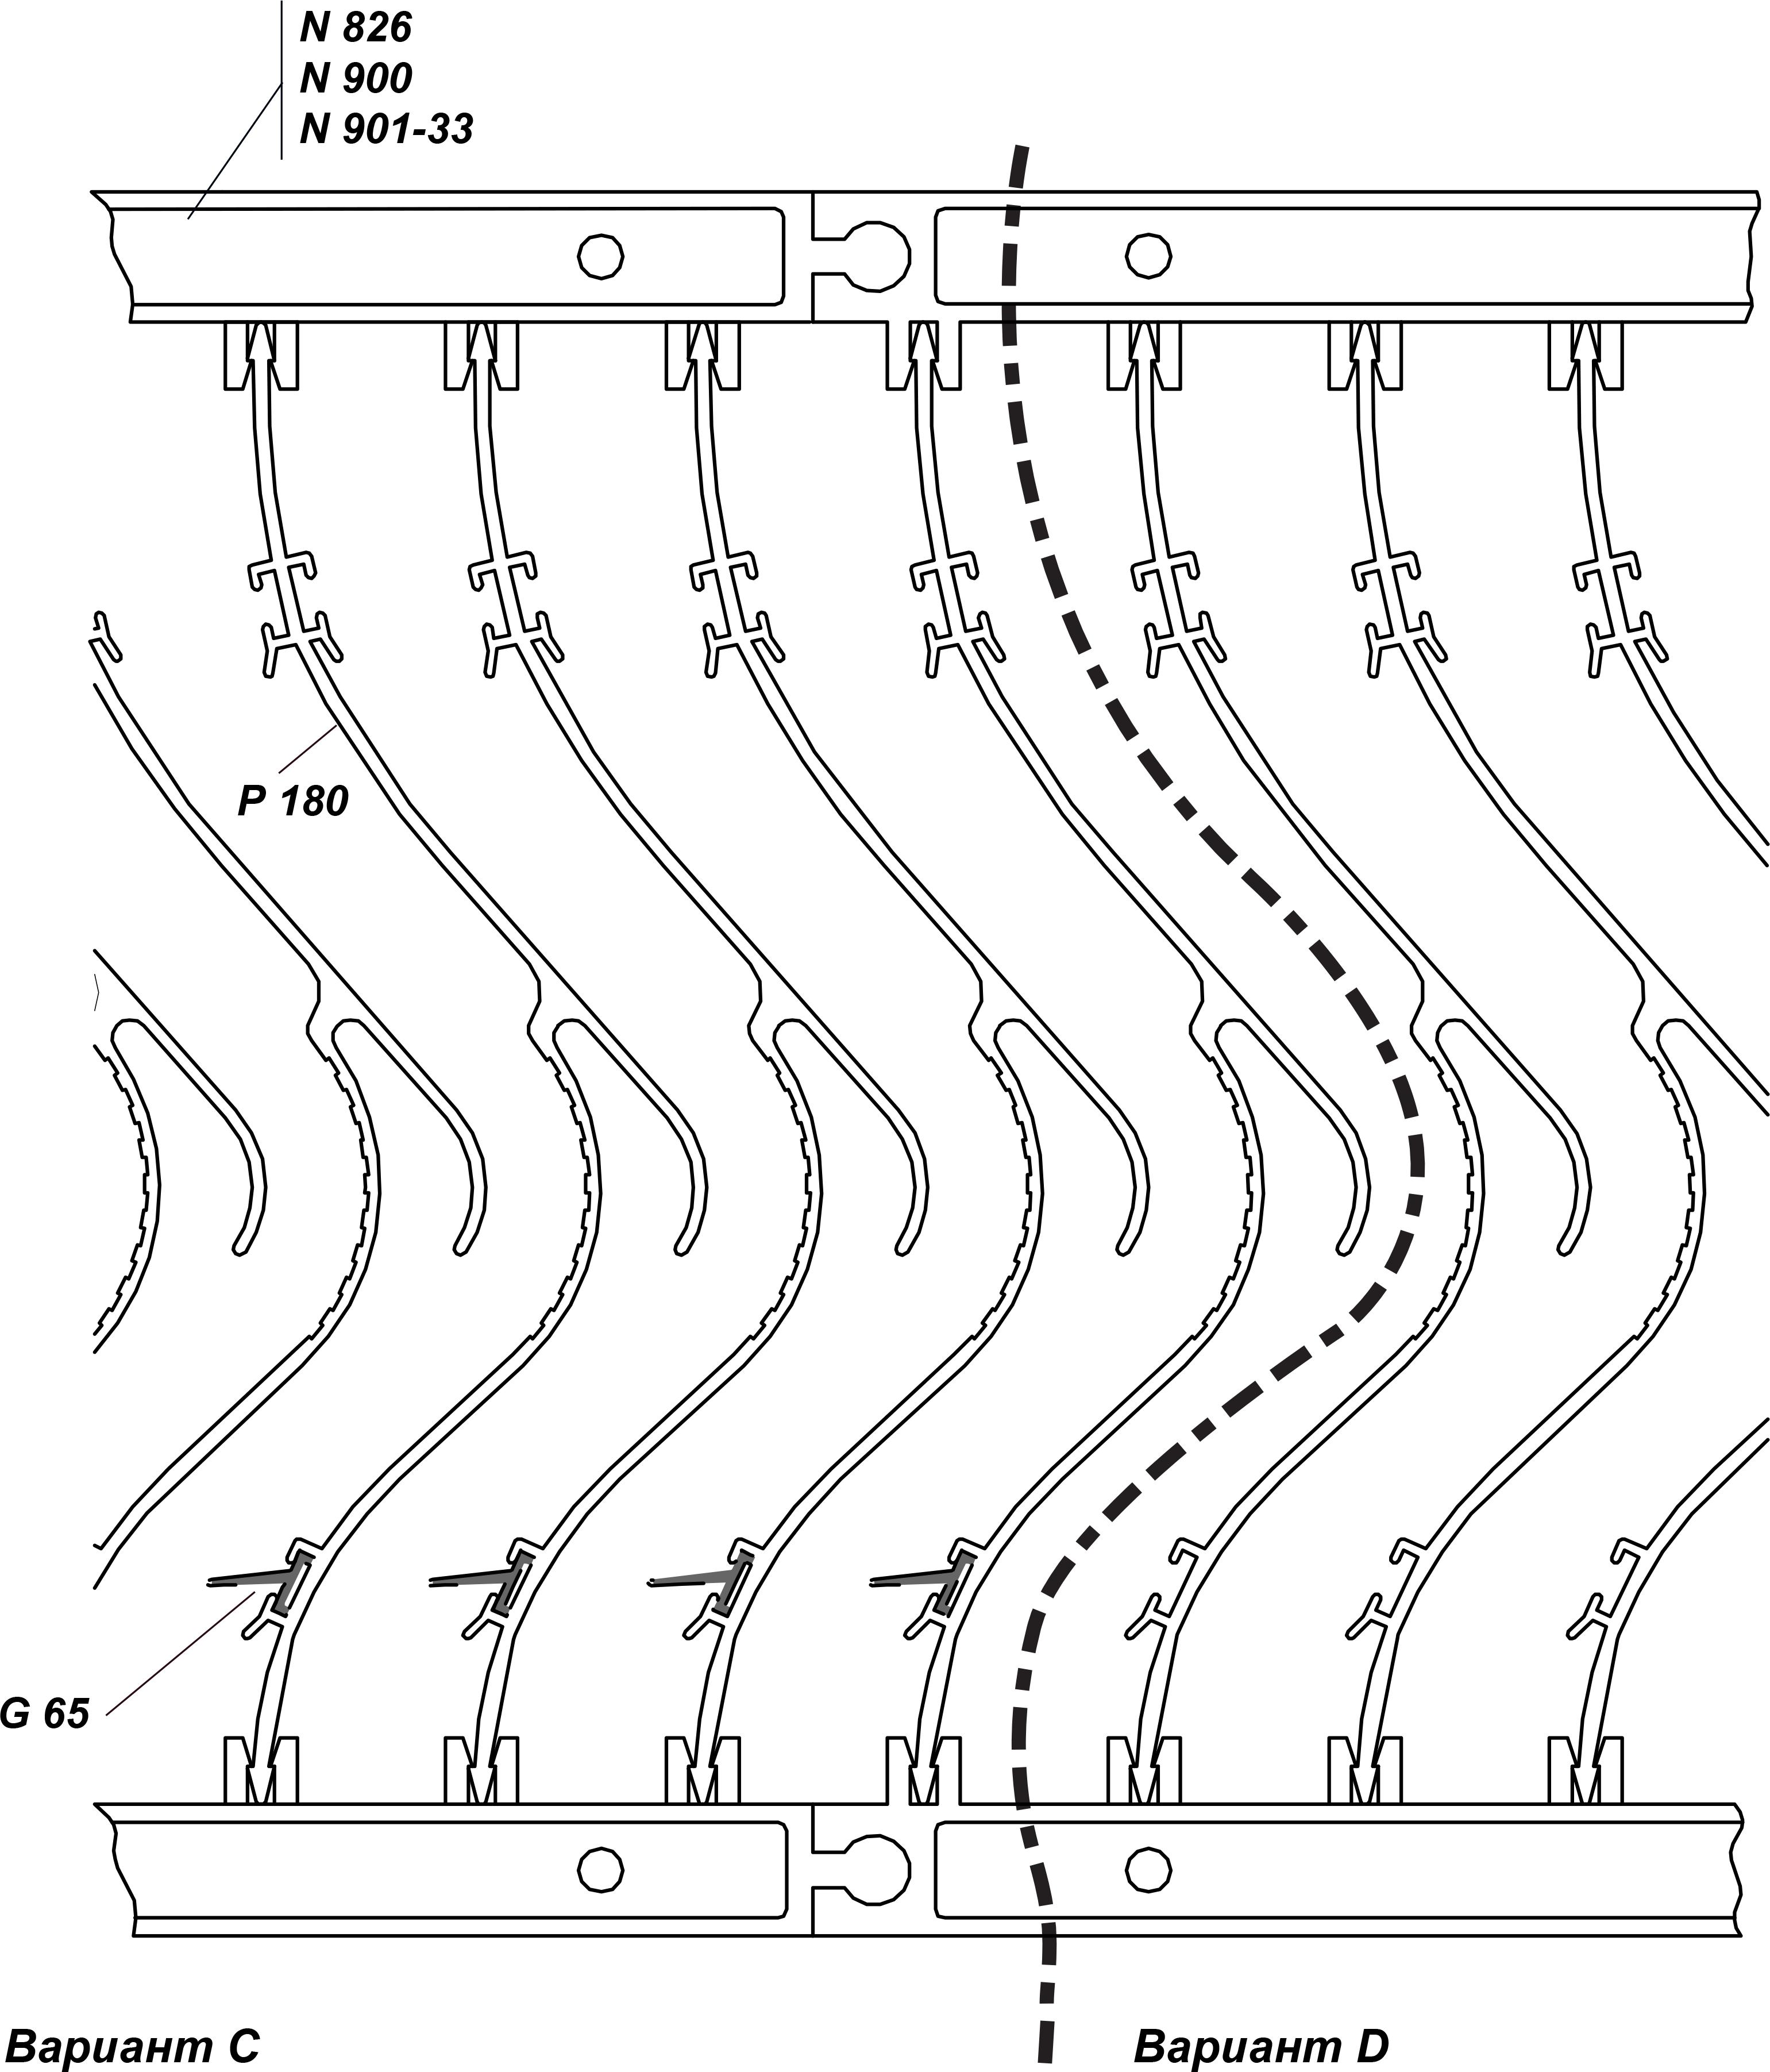 сборка кассеты из профиля p 180